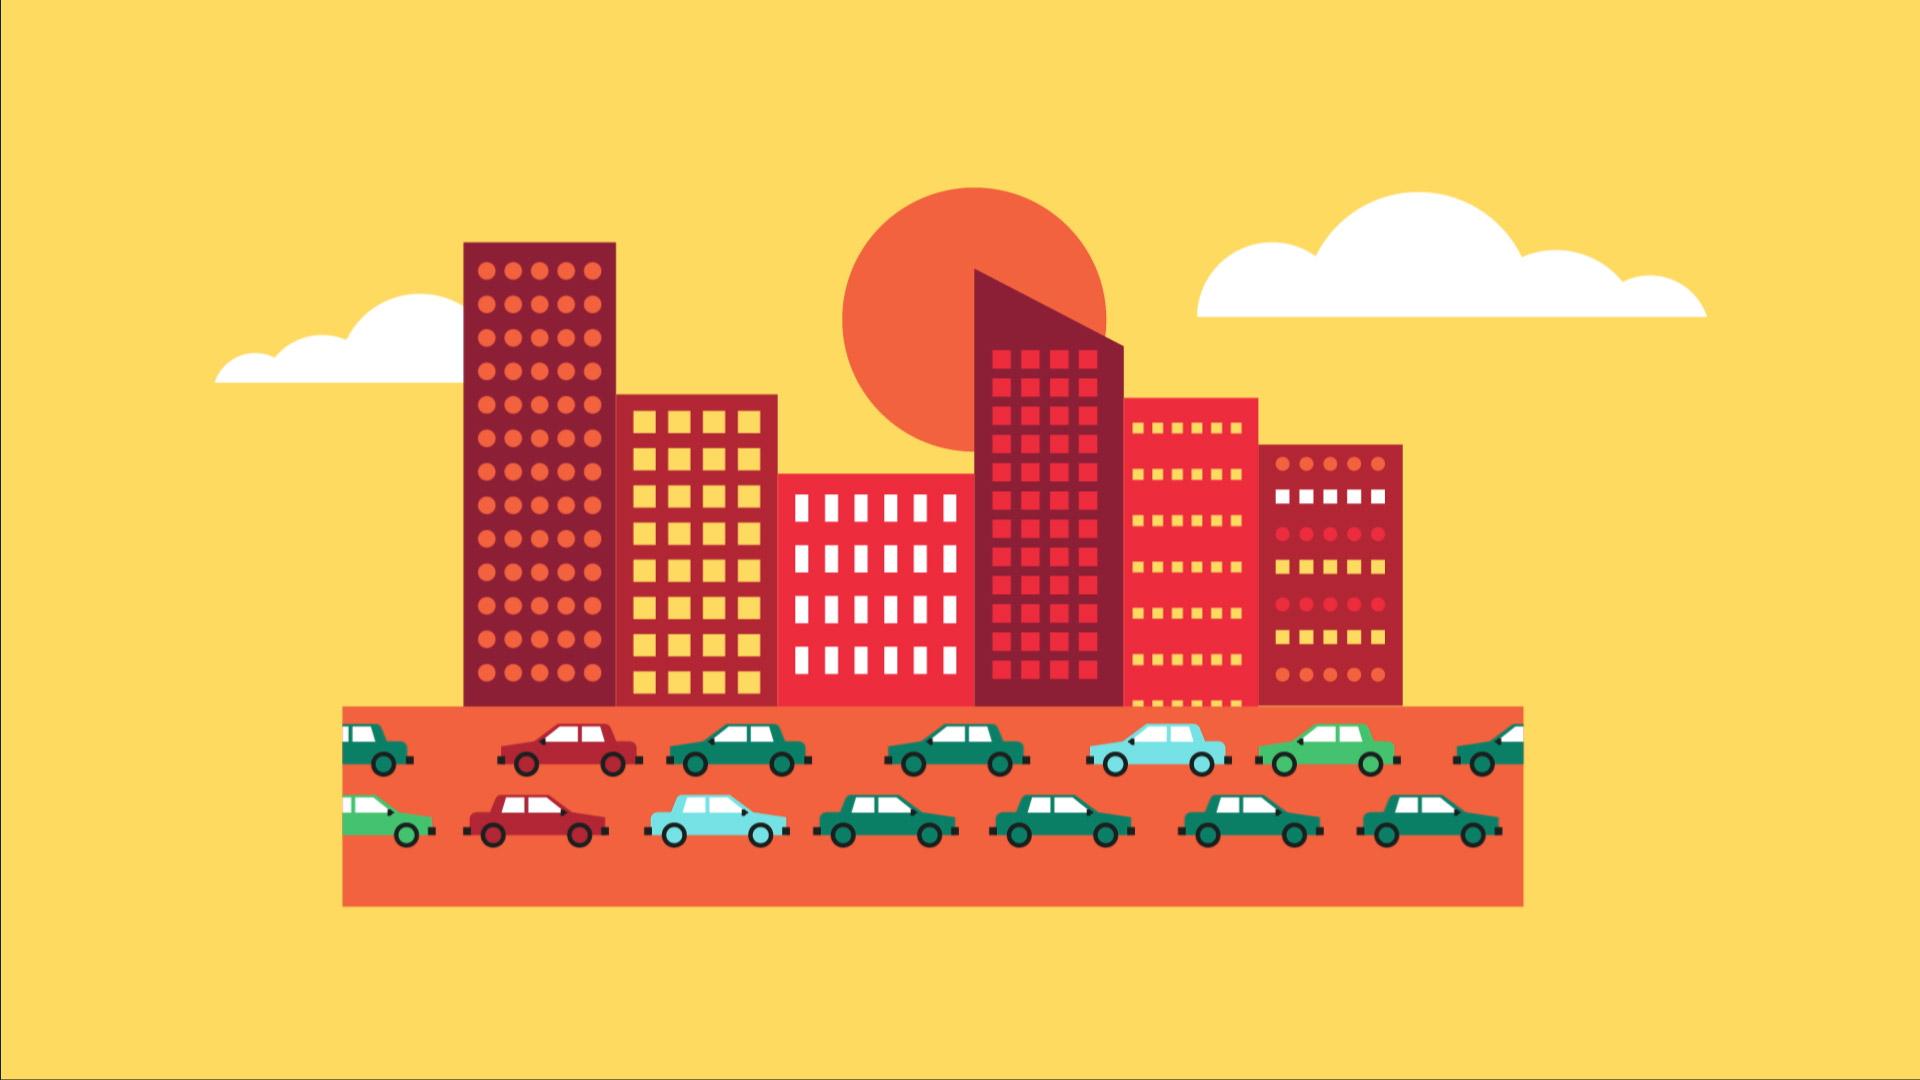 Kép az elektromos autók terjedéséről bejegyzésbe